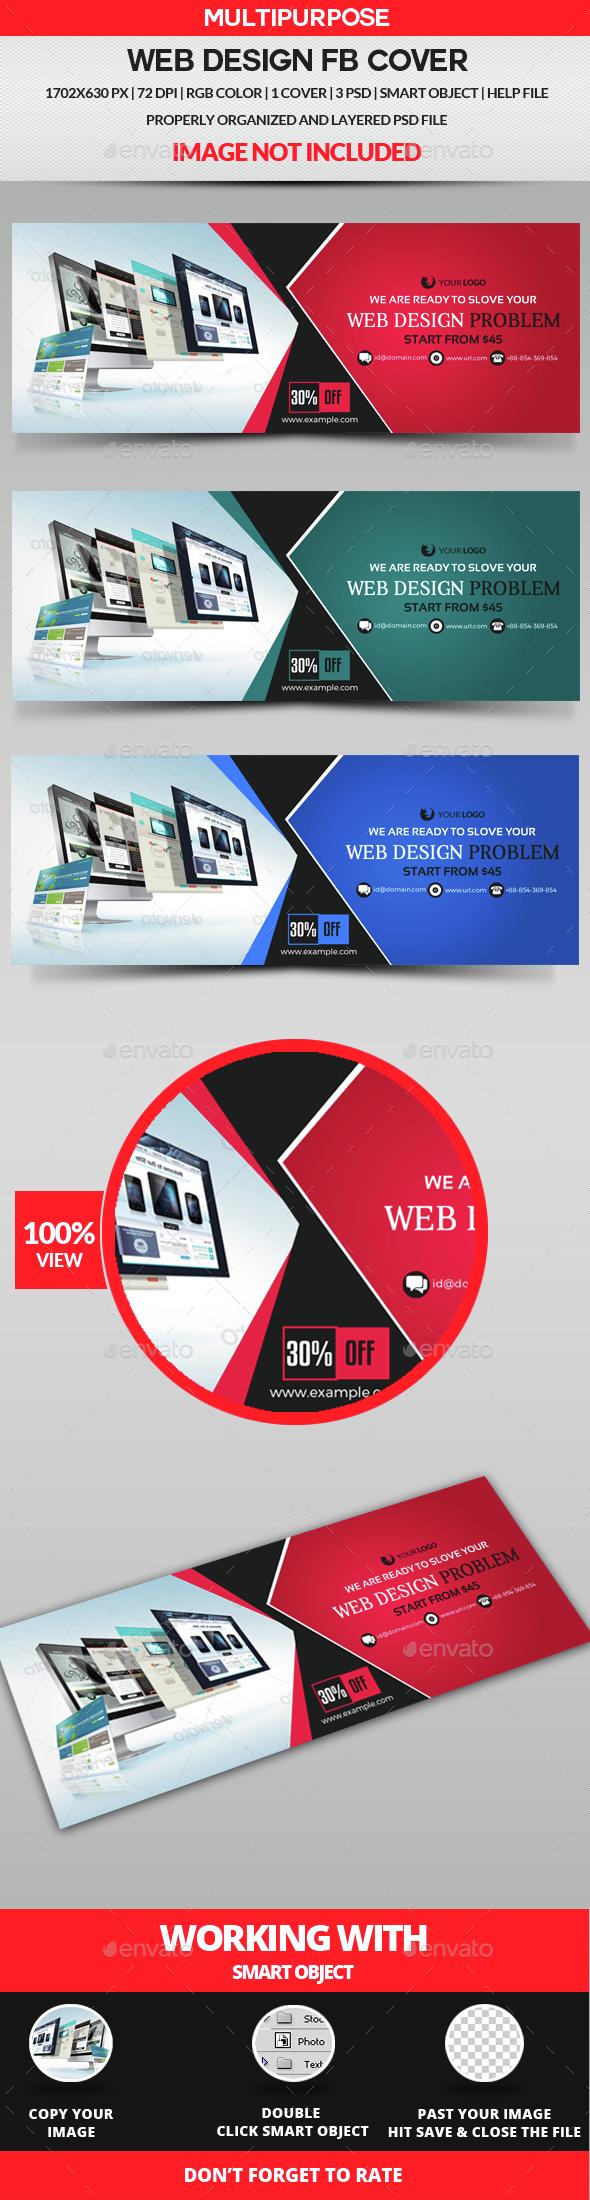 Web Design Facebook Cover - Facebook Timeline Covers Social Media